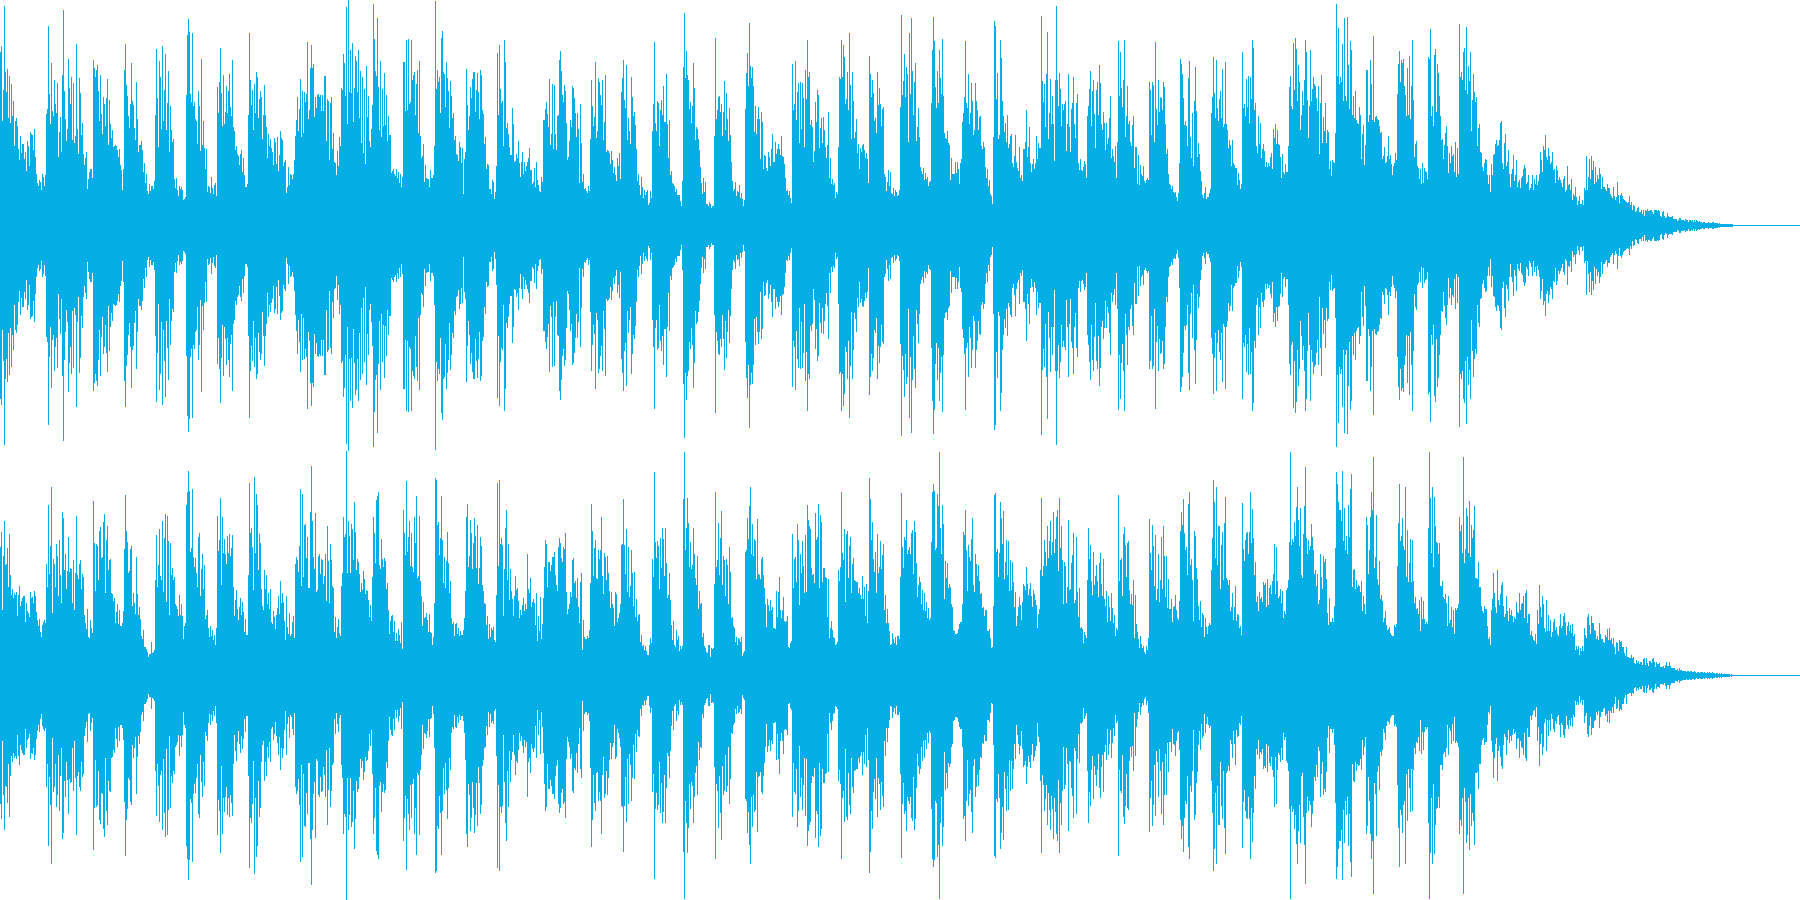 雰囲気があるBGMの再生済みの波形